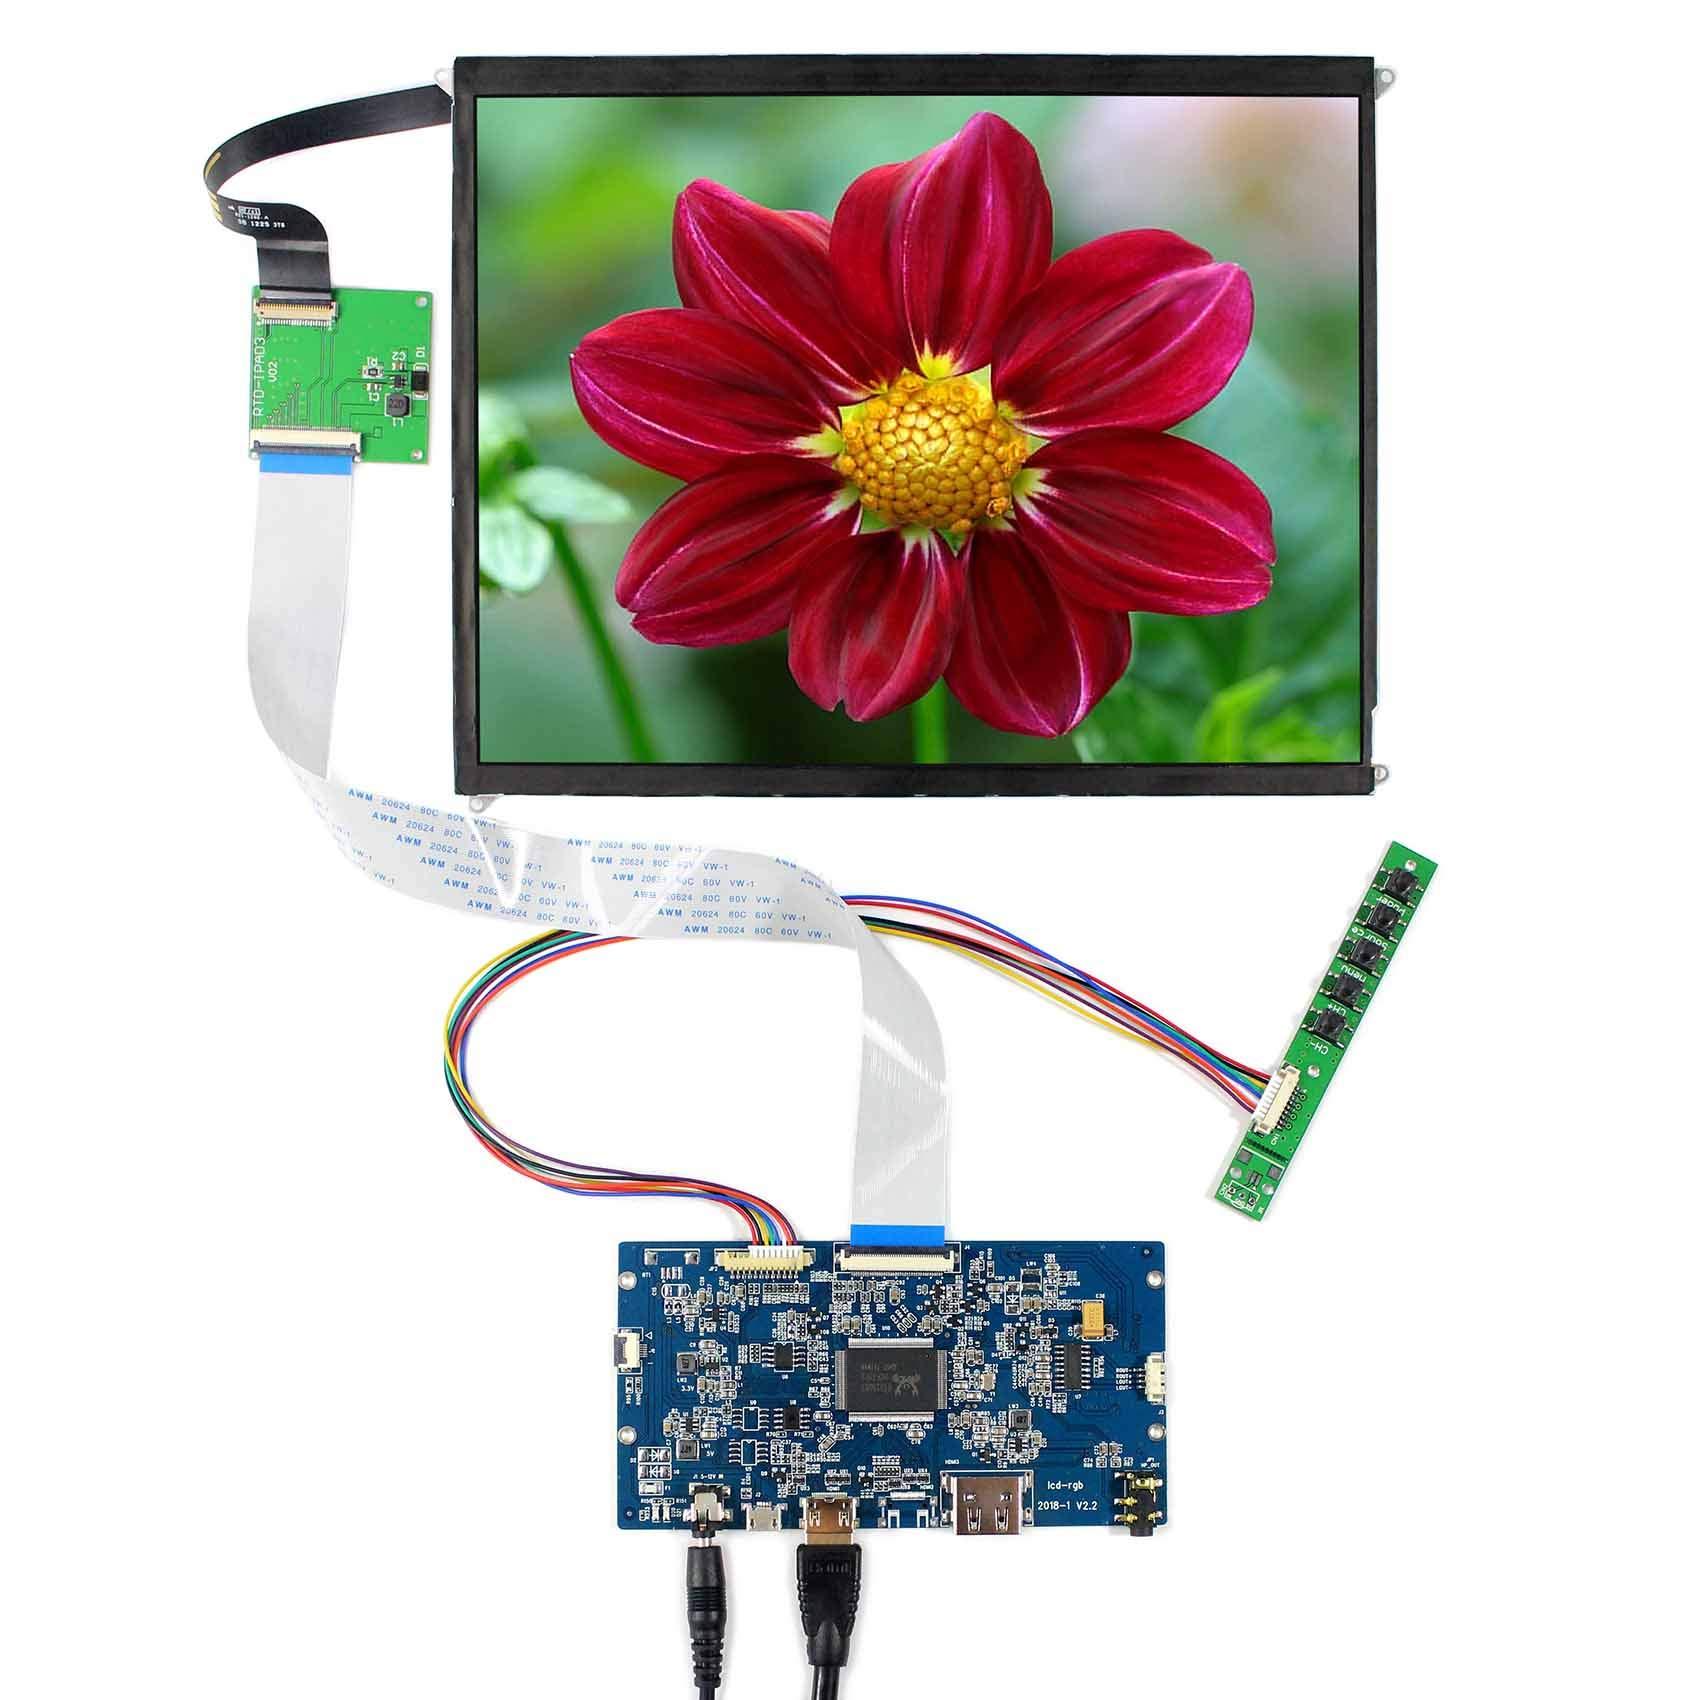 Controladora LCD HDMI VGA 9.7 2048x1536 LP097QX1/ LTL097QL01